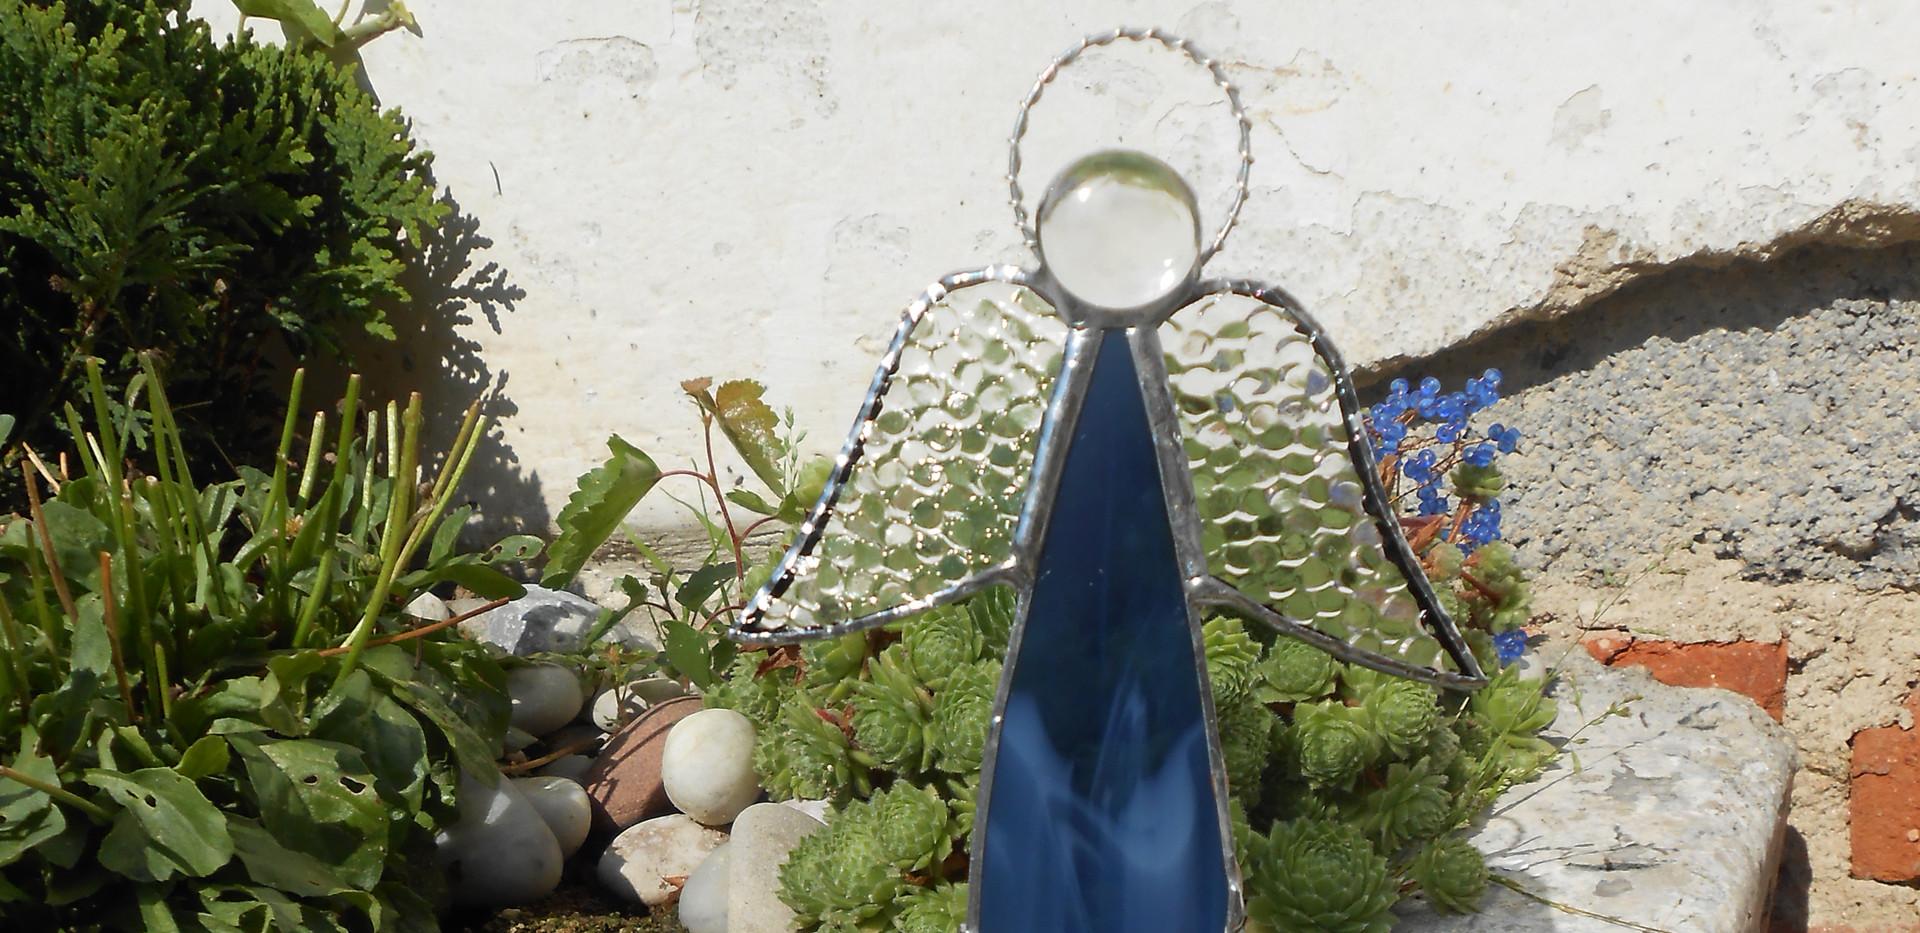 Anděl - stojící svícen 250 Kč